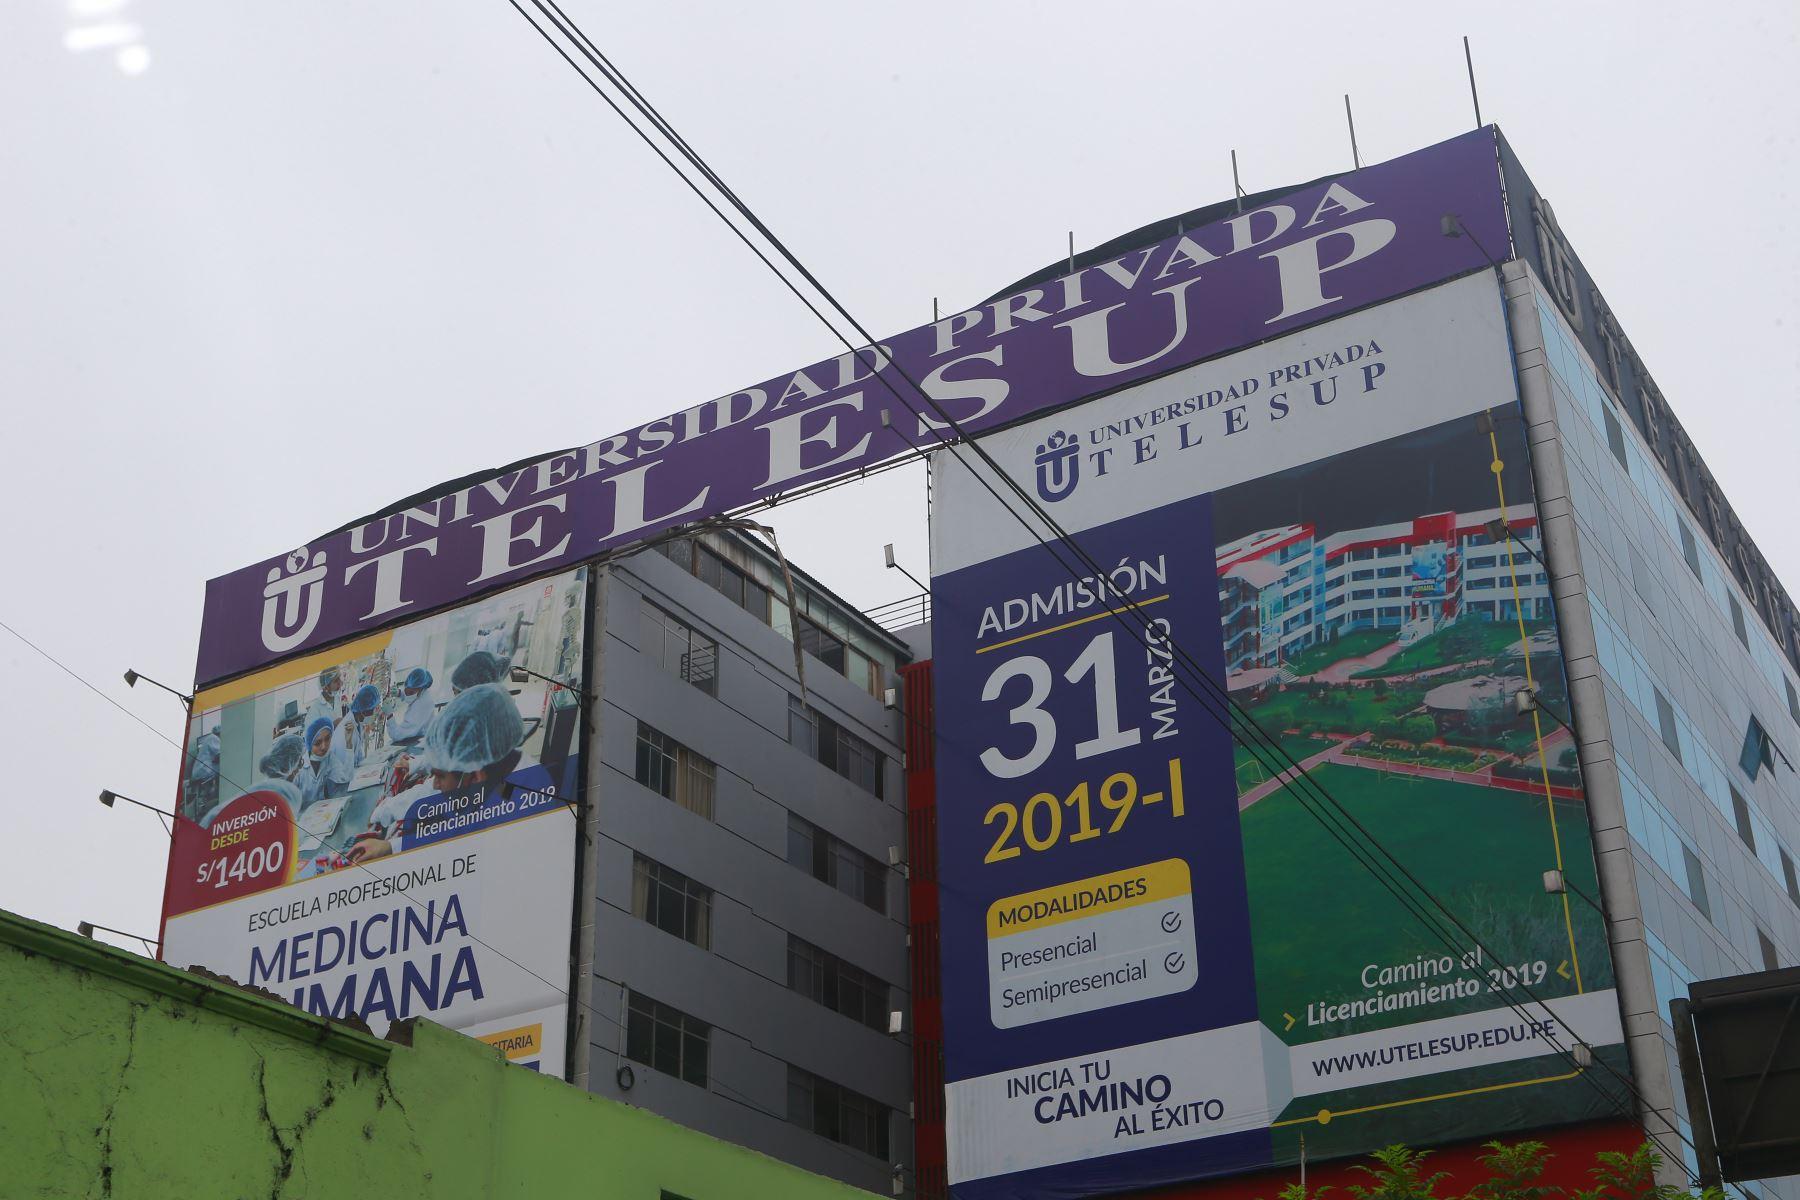 La universidad Telesup no podrá admitir en adelante a ningún estudiante. Foto: ANDINA/Héctor Vinces.